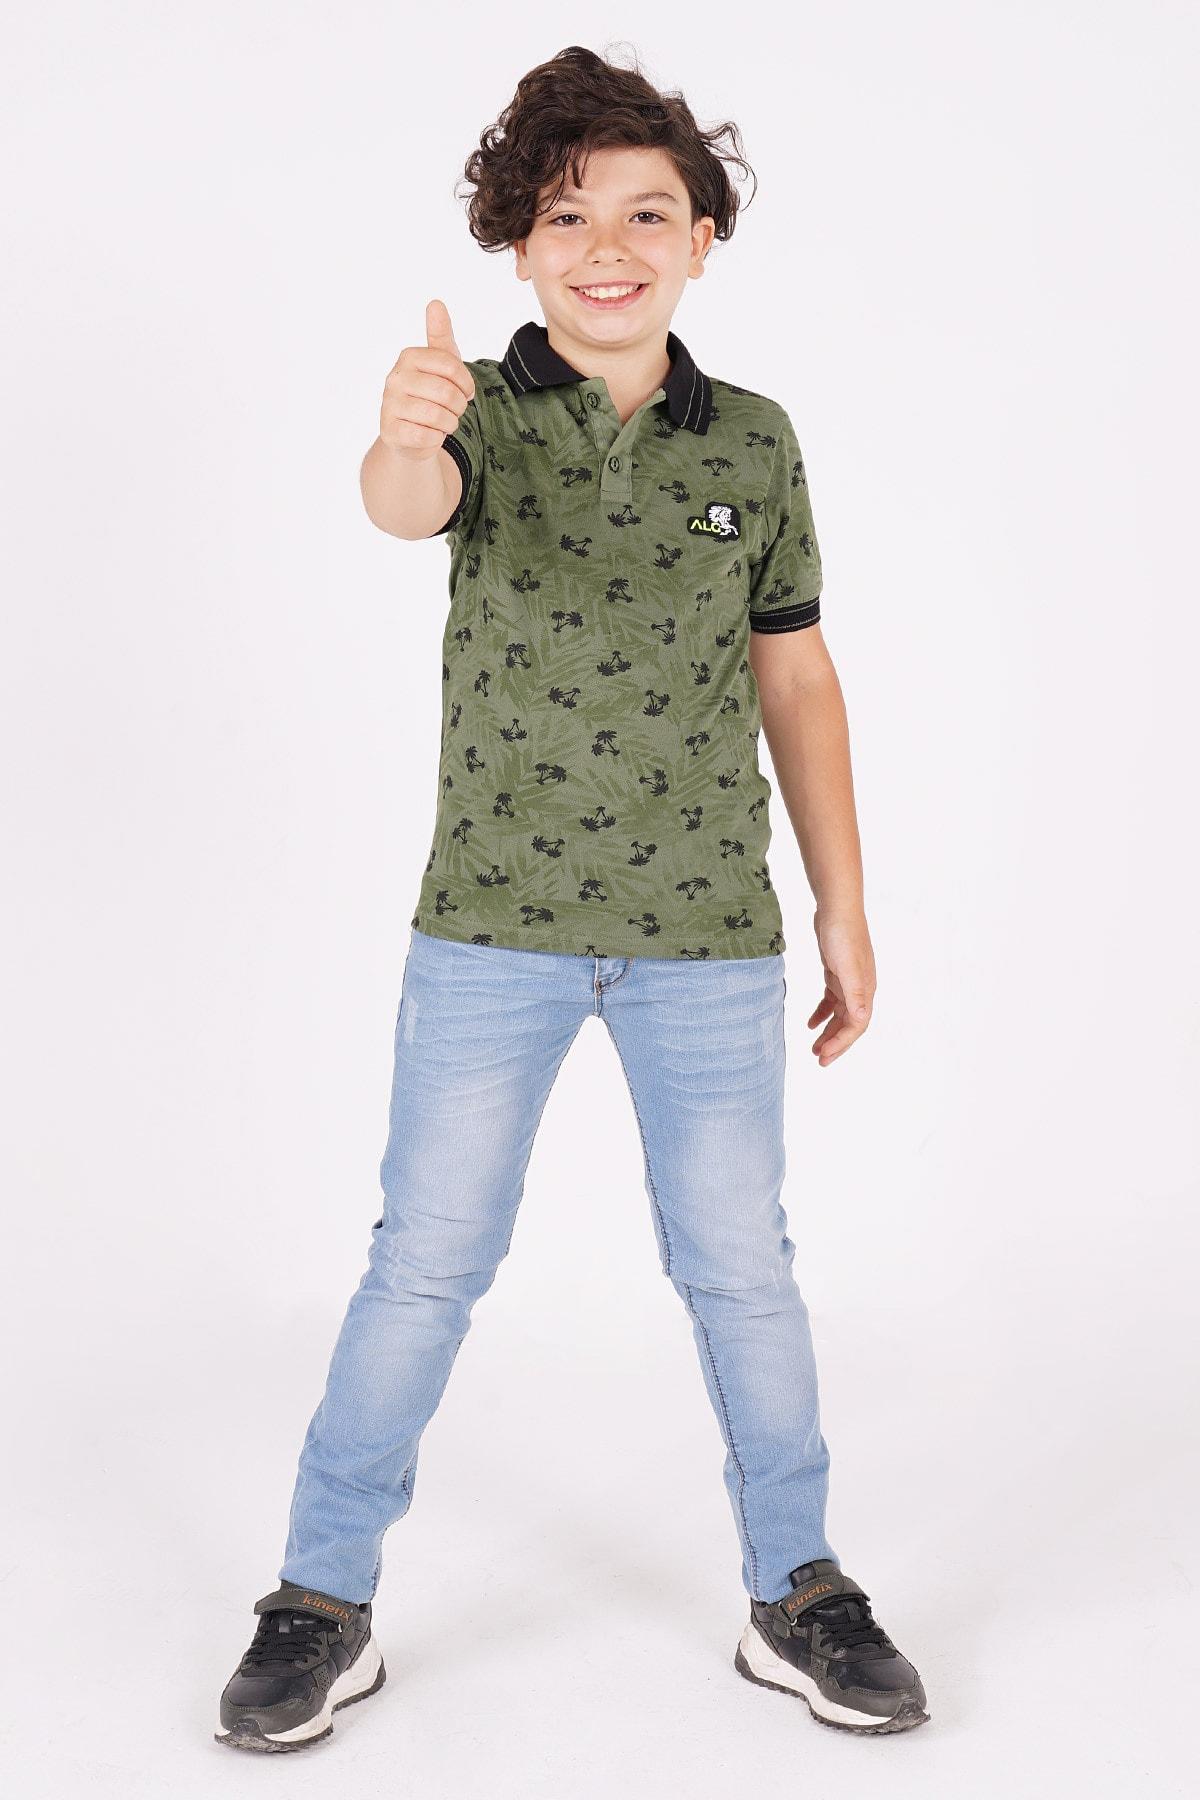 Erkek Çocuk Polo Yaka T-shirt Palmiye Baskılı 3-12 Yaş